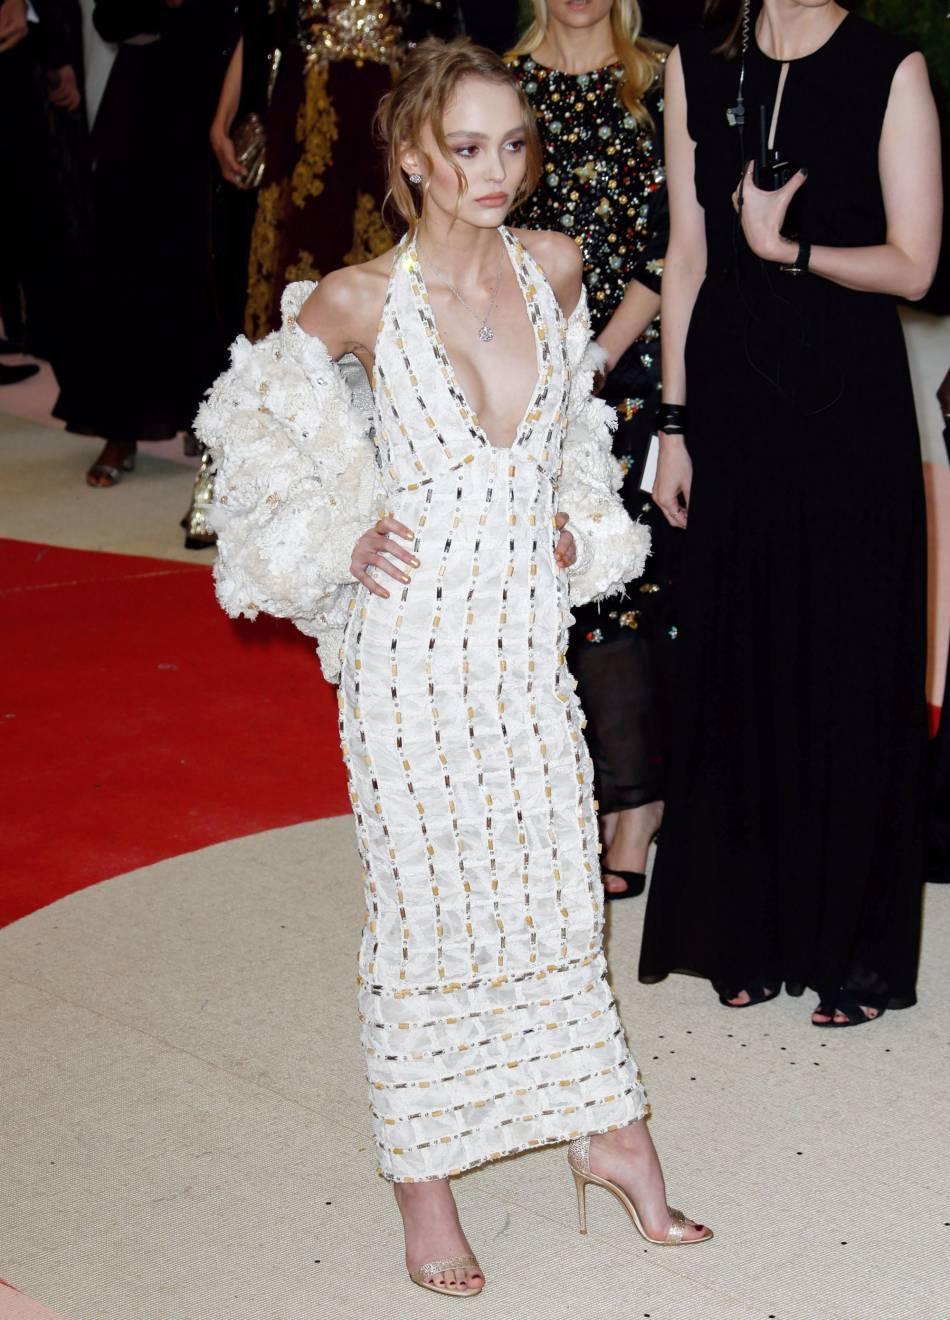 Lors du gala du Met 2016, en Chanel, Lily-Rose Depp nous a subjugué.